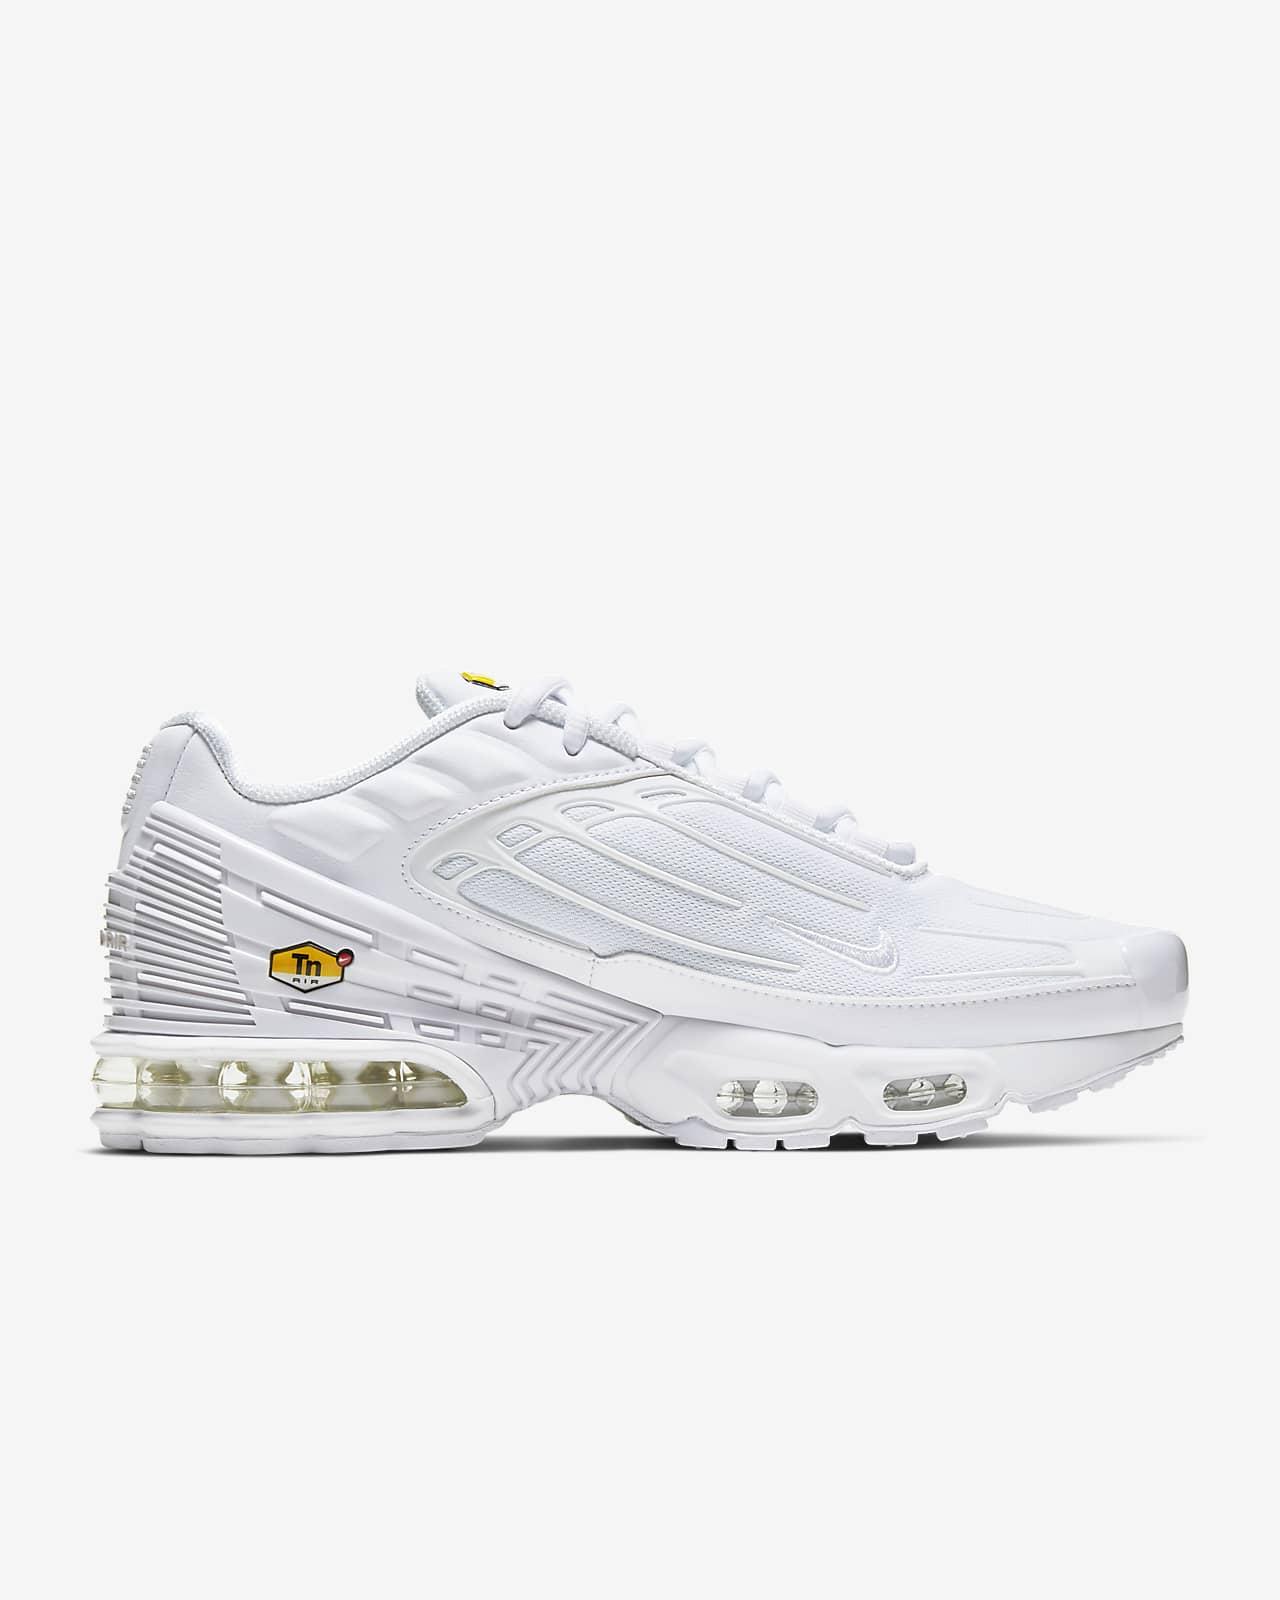 scarpe nike air max tn bianche